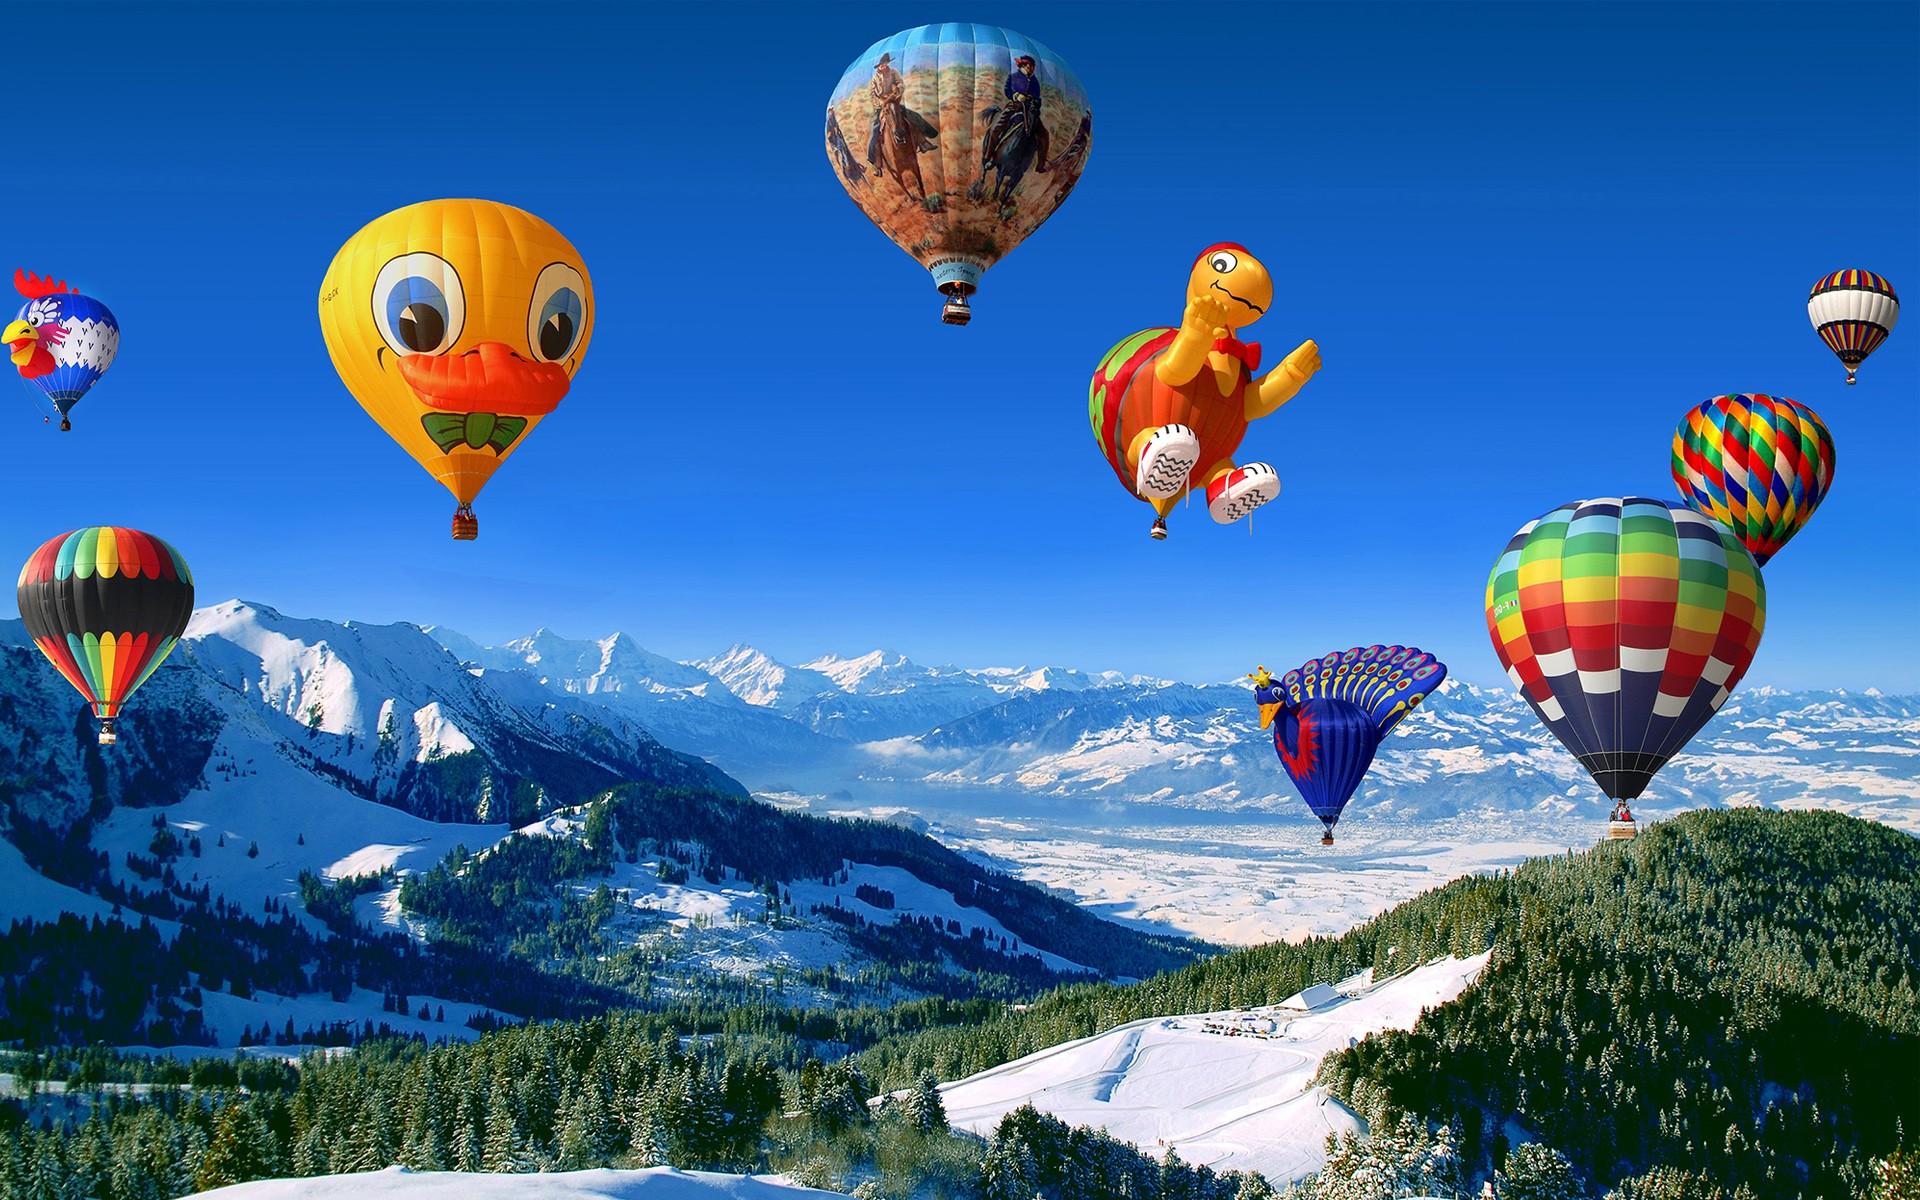 hot air balloon   nature hd 4k wallpapers